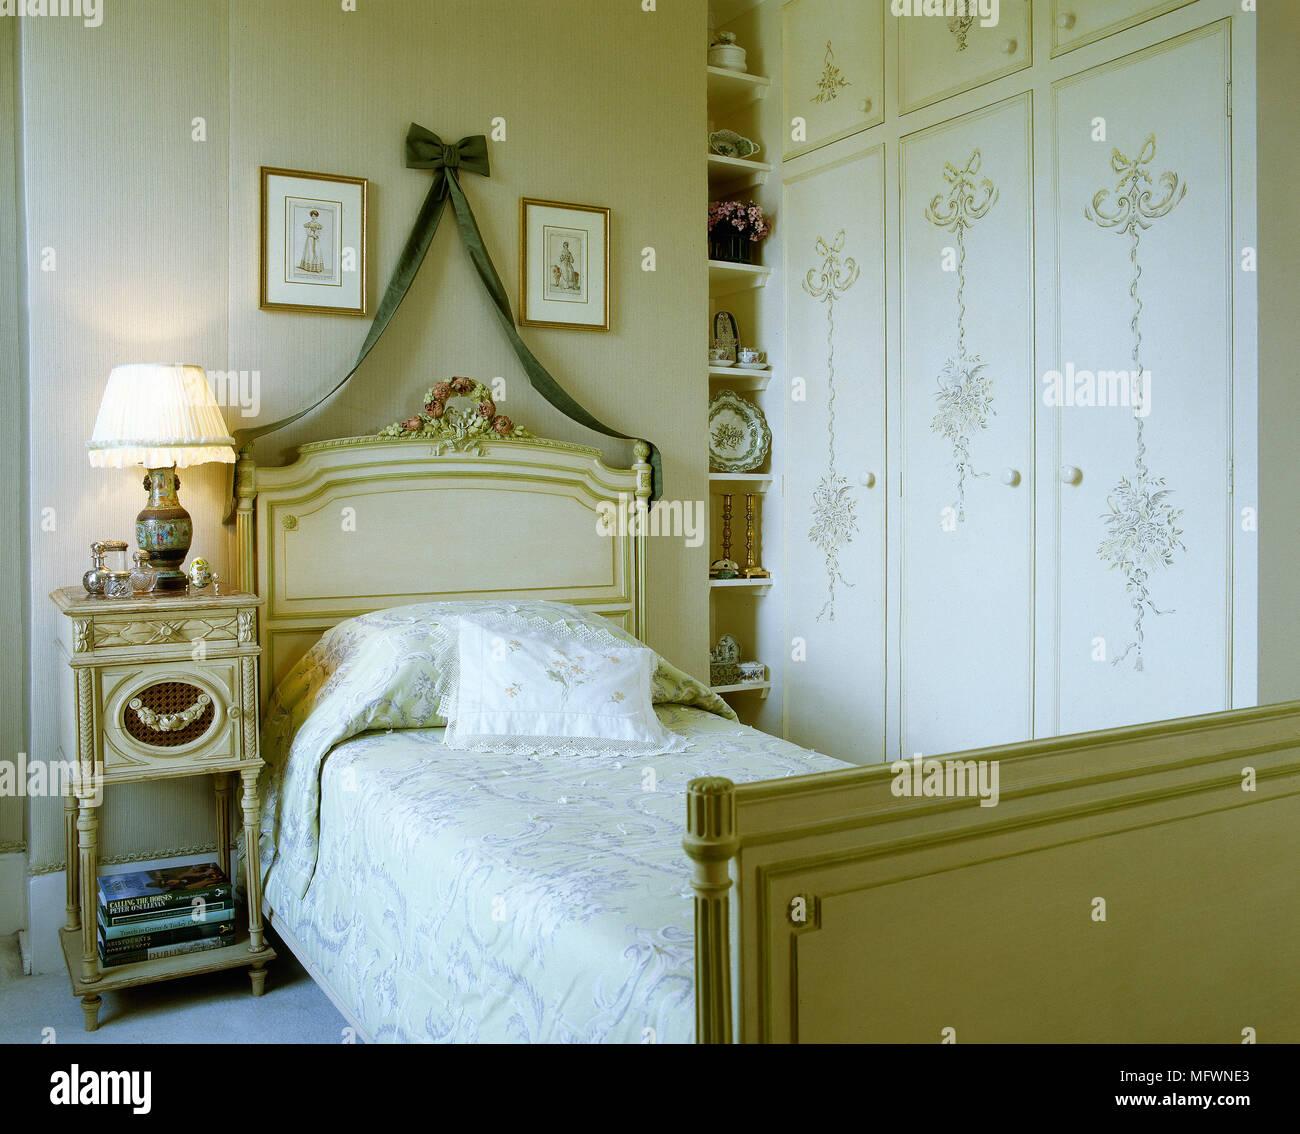 Traditionelle Schlafzimmer mit einem geschnitzten Bett ...